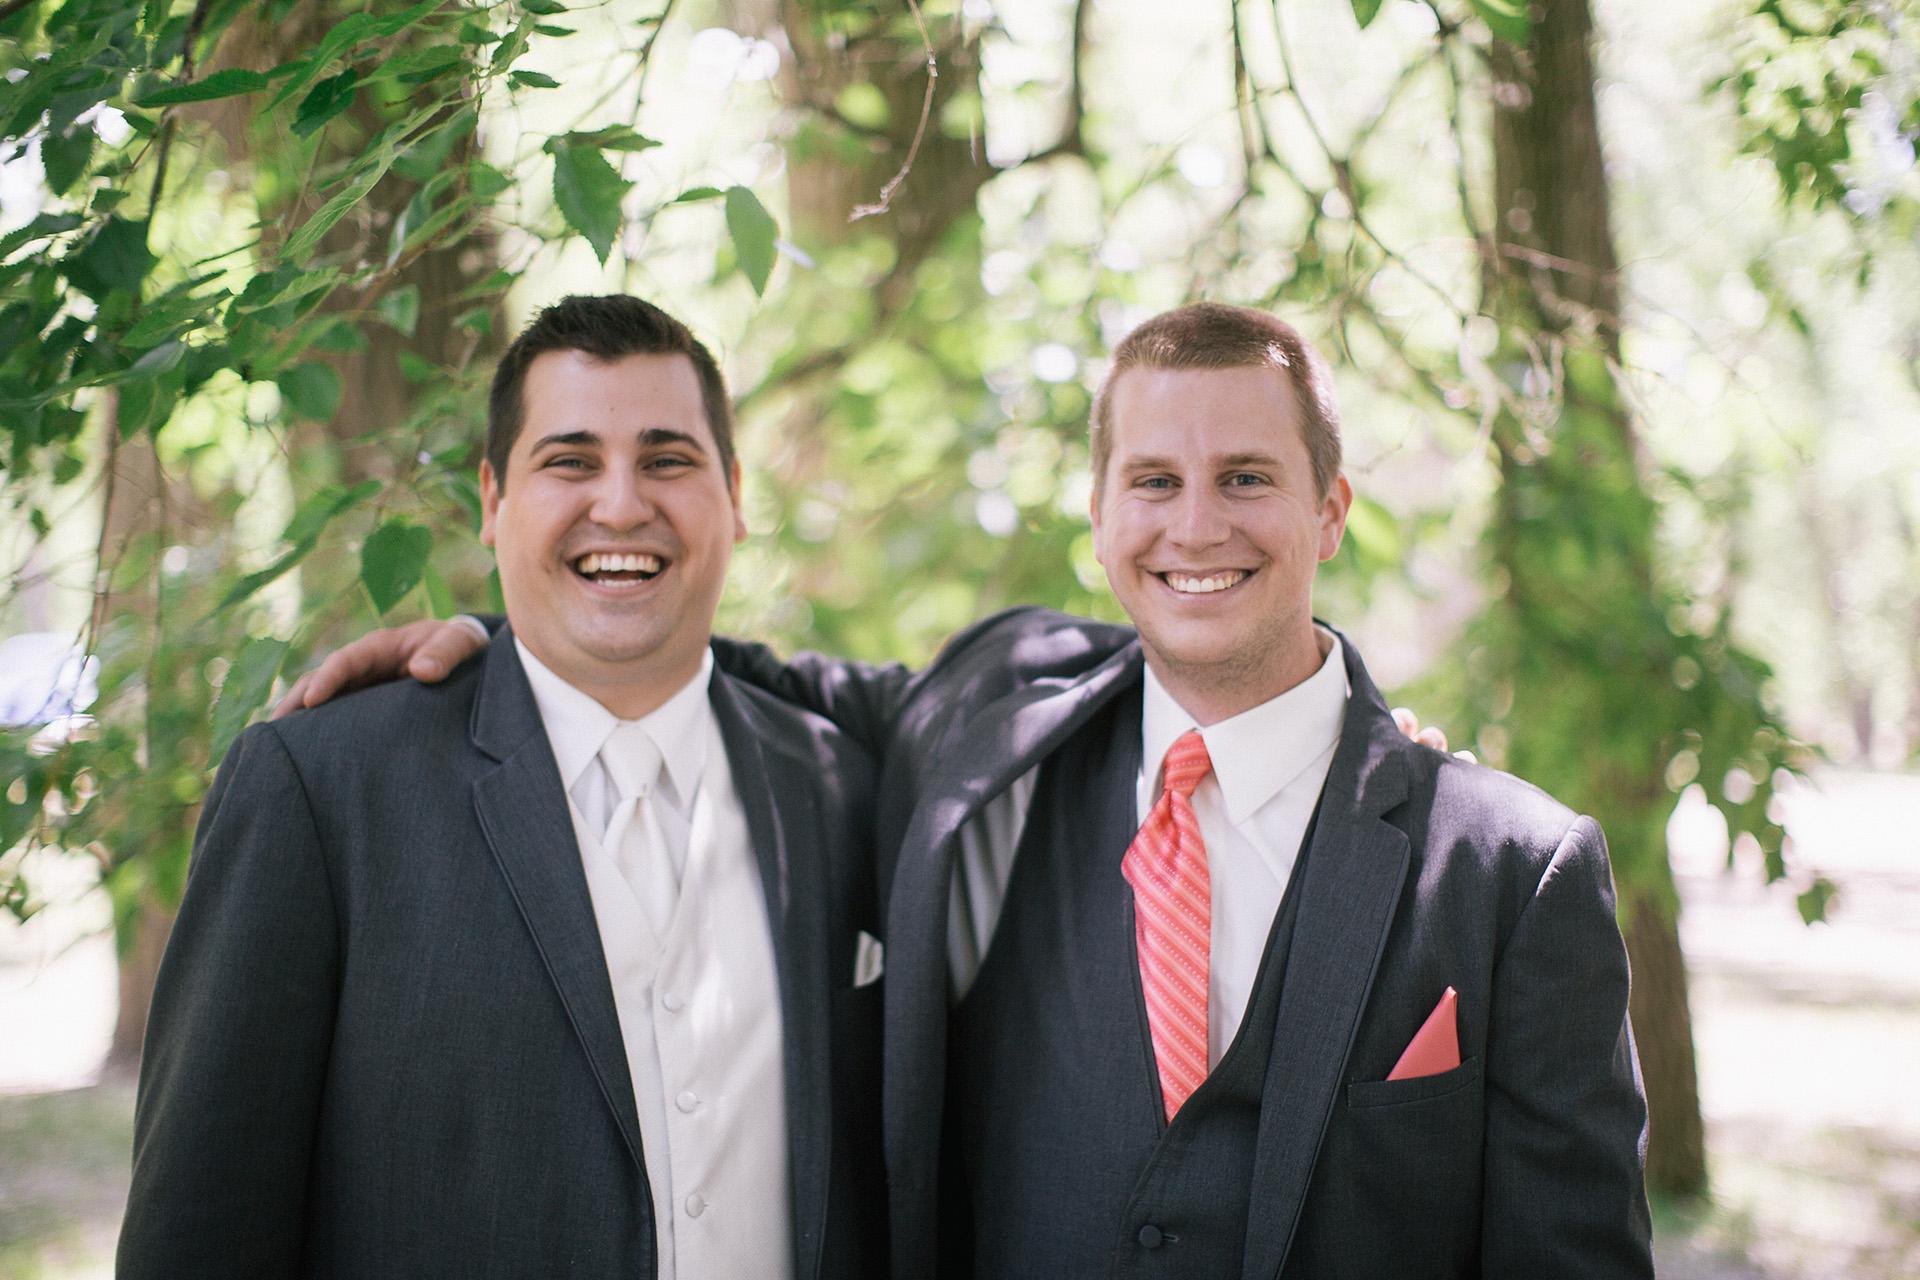 Amasa Stone Chapel Cleveland Wedding Photographer 29.jpg